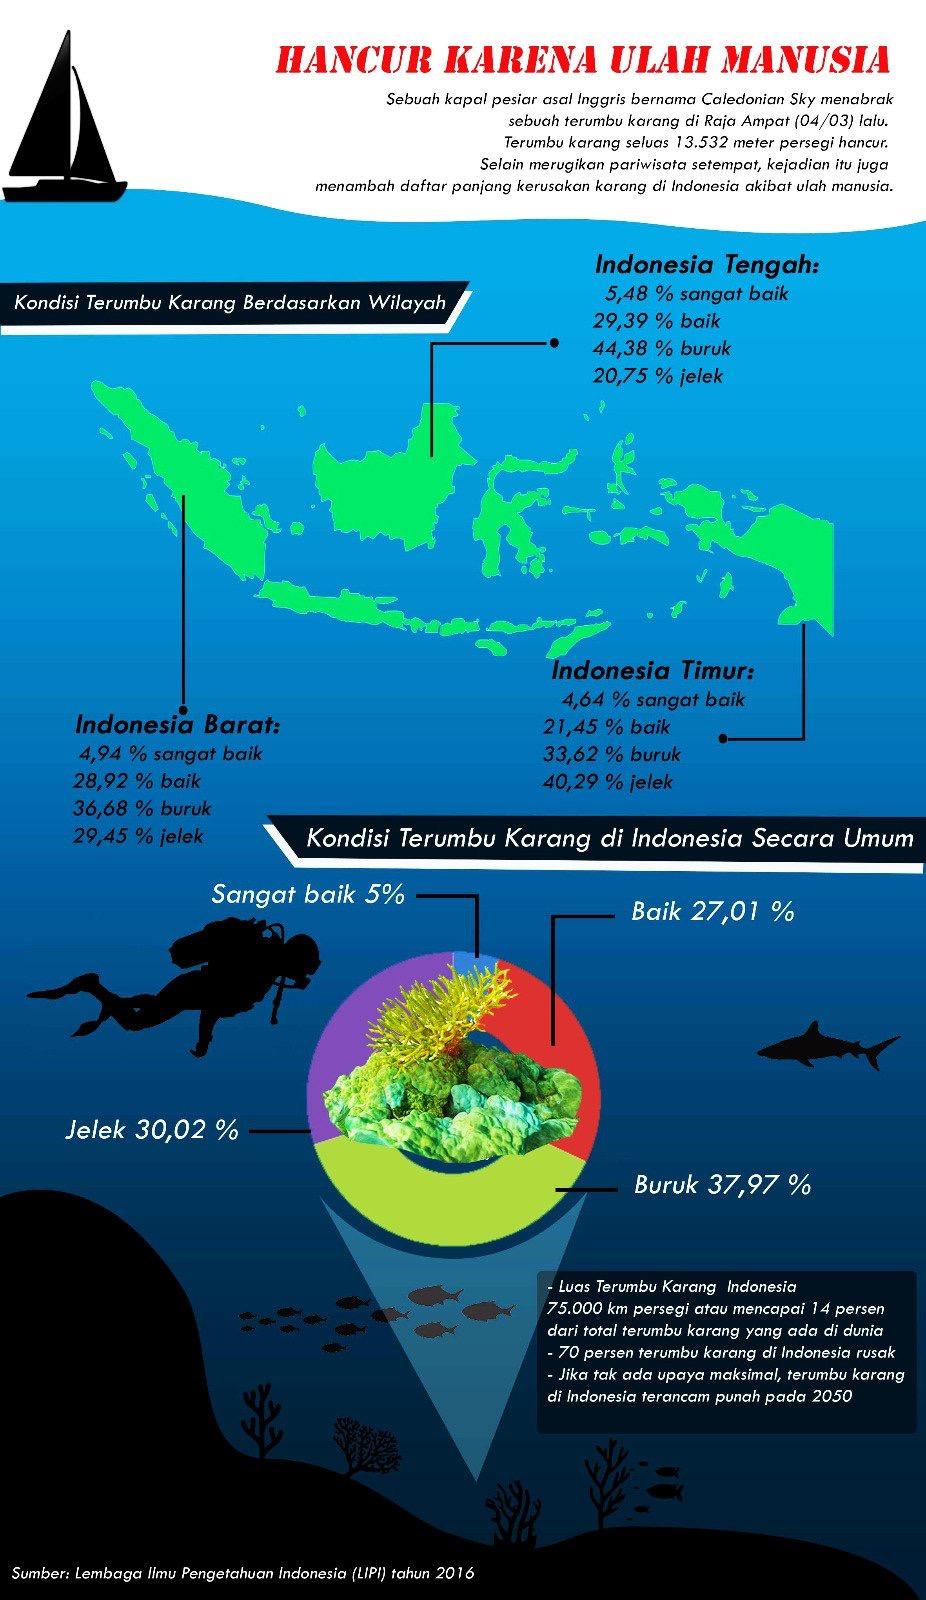 Terumbu karang lipi